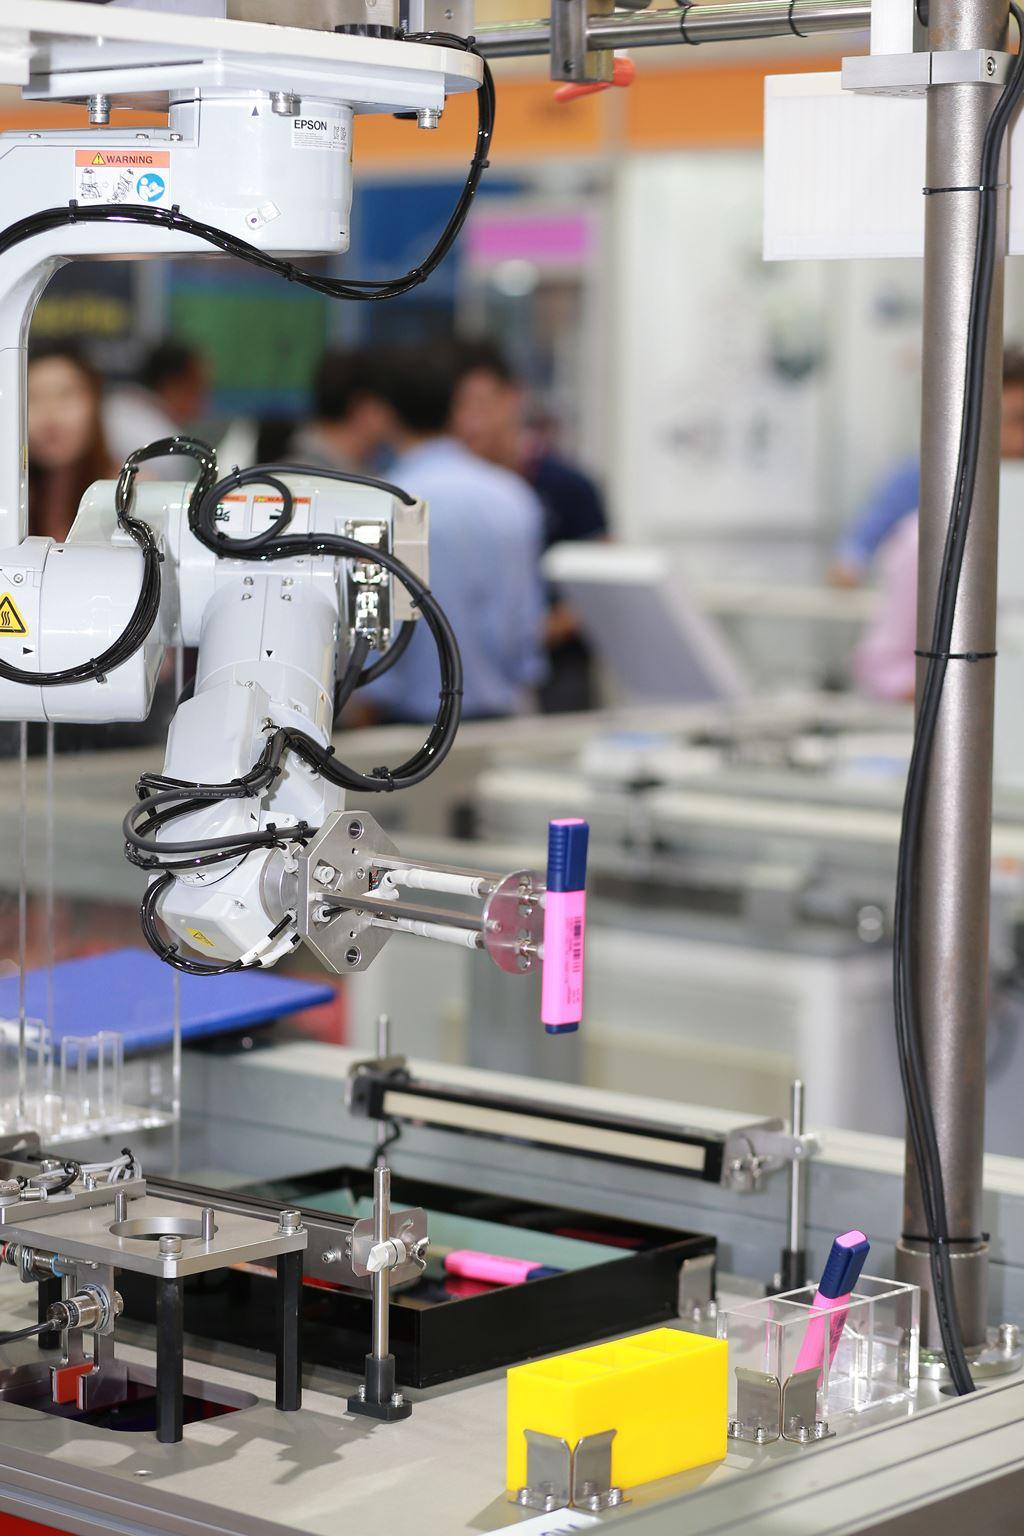 Epson lần đầu giới thiệu các giải pháp Robot công nghiệp tại Việt Nam  ảnh 1